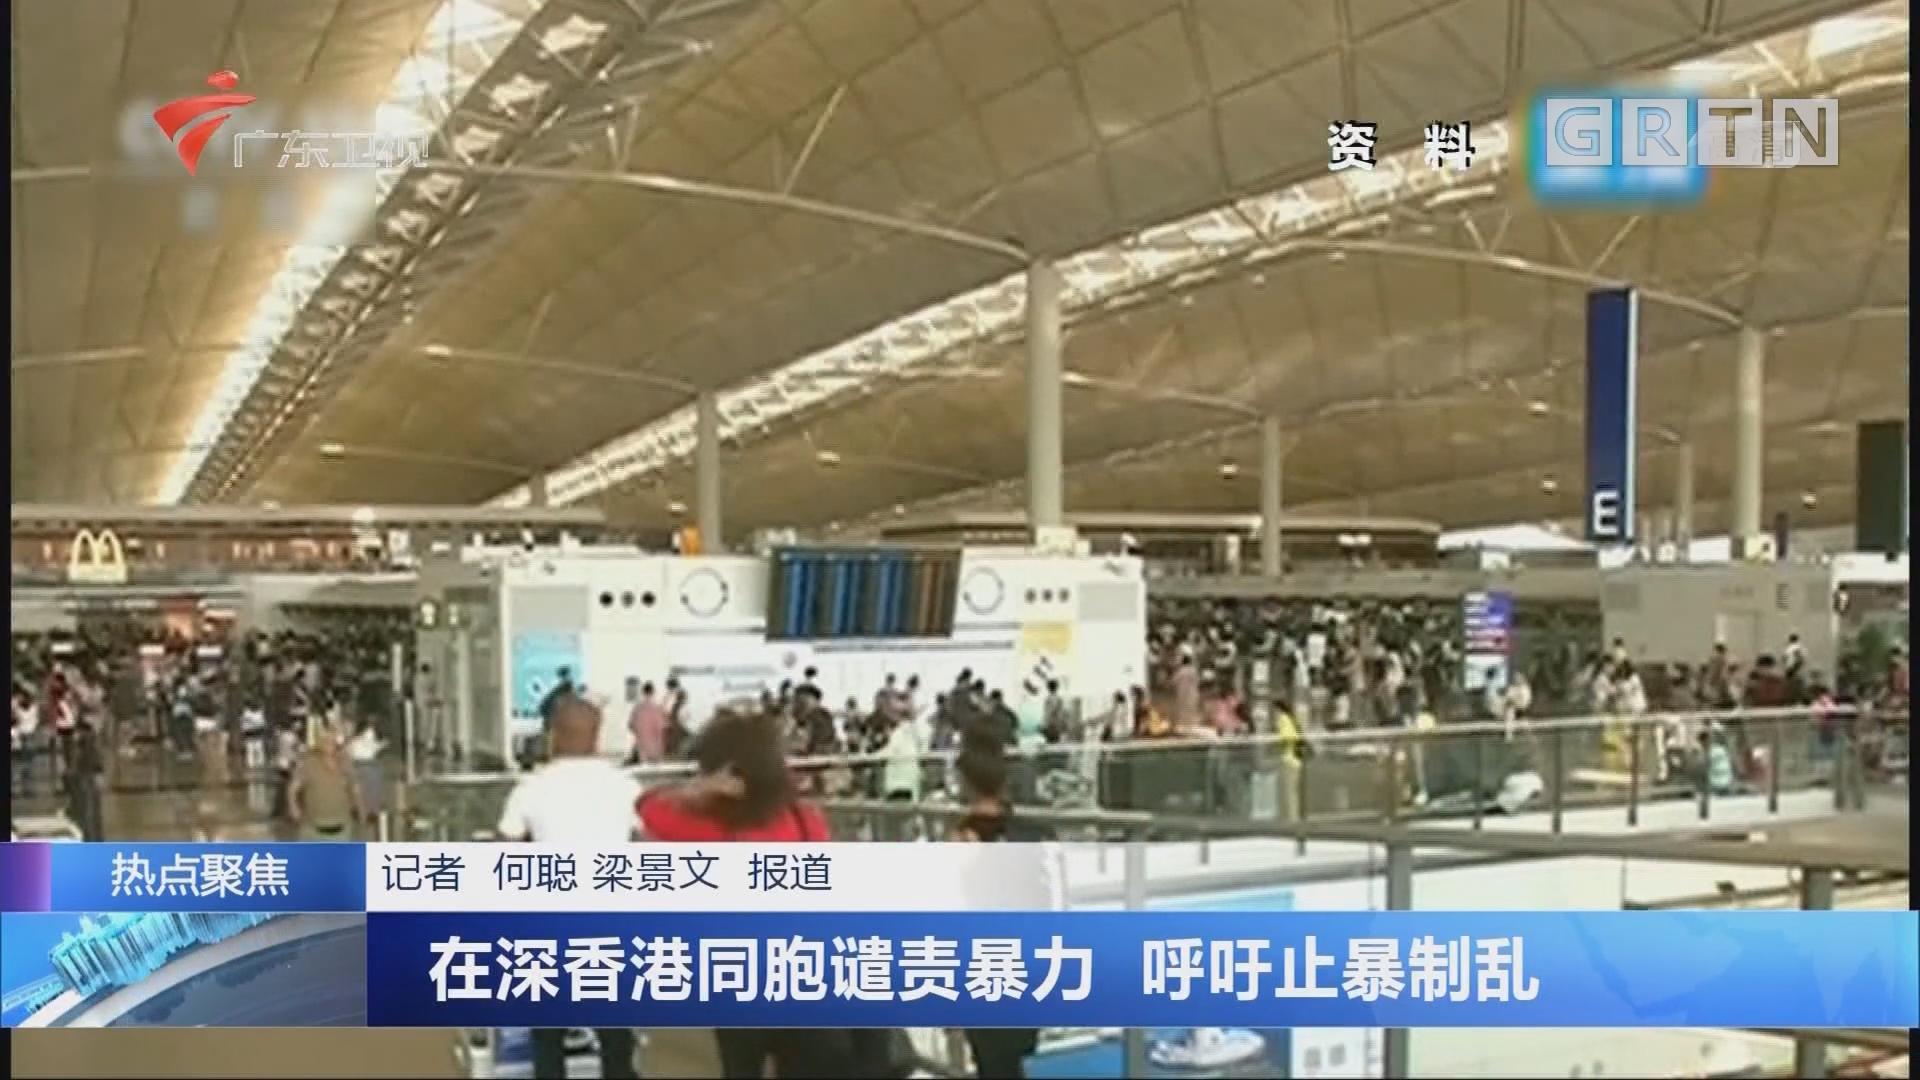 在深香港同胞谴责暴力 呼吁止暴制乱